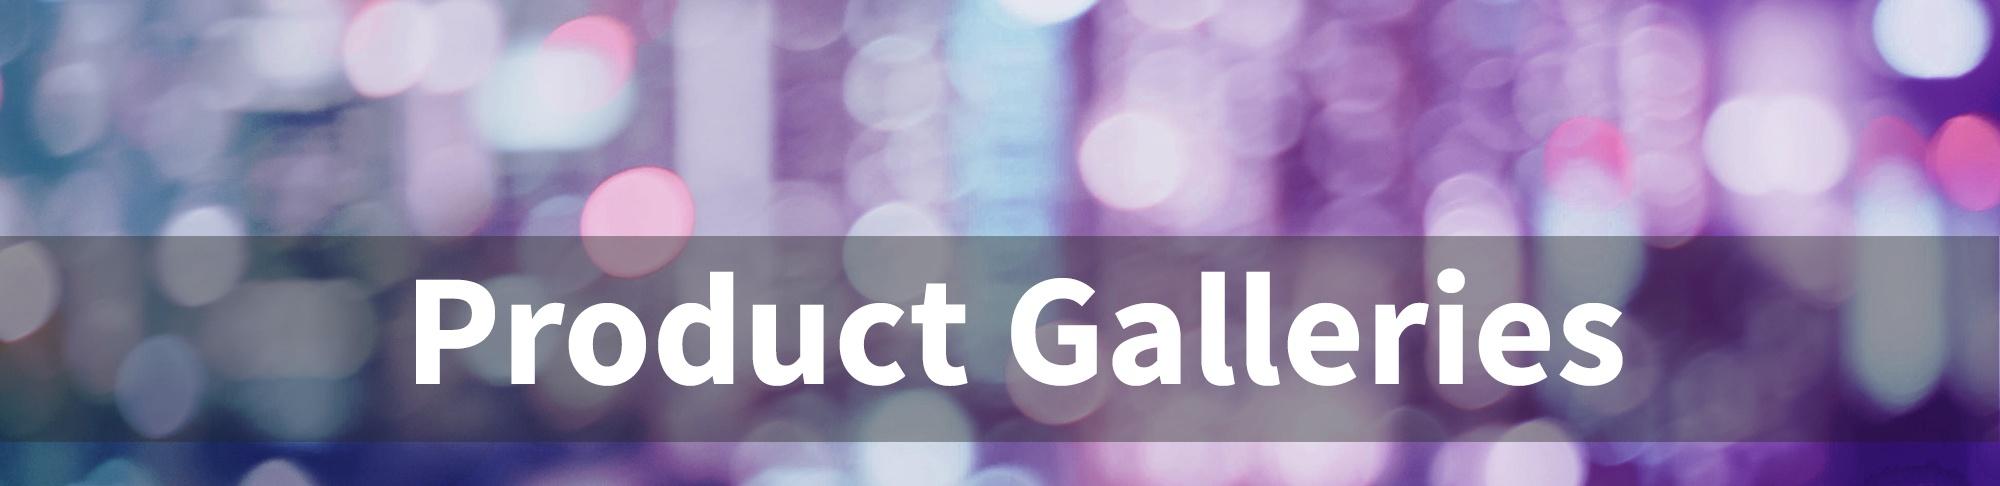 productgalleries.jpg